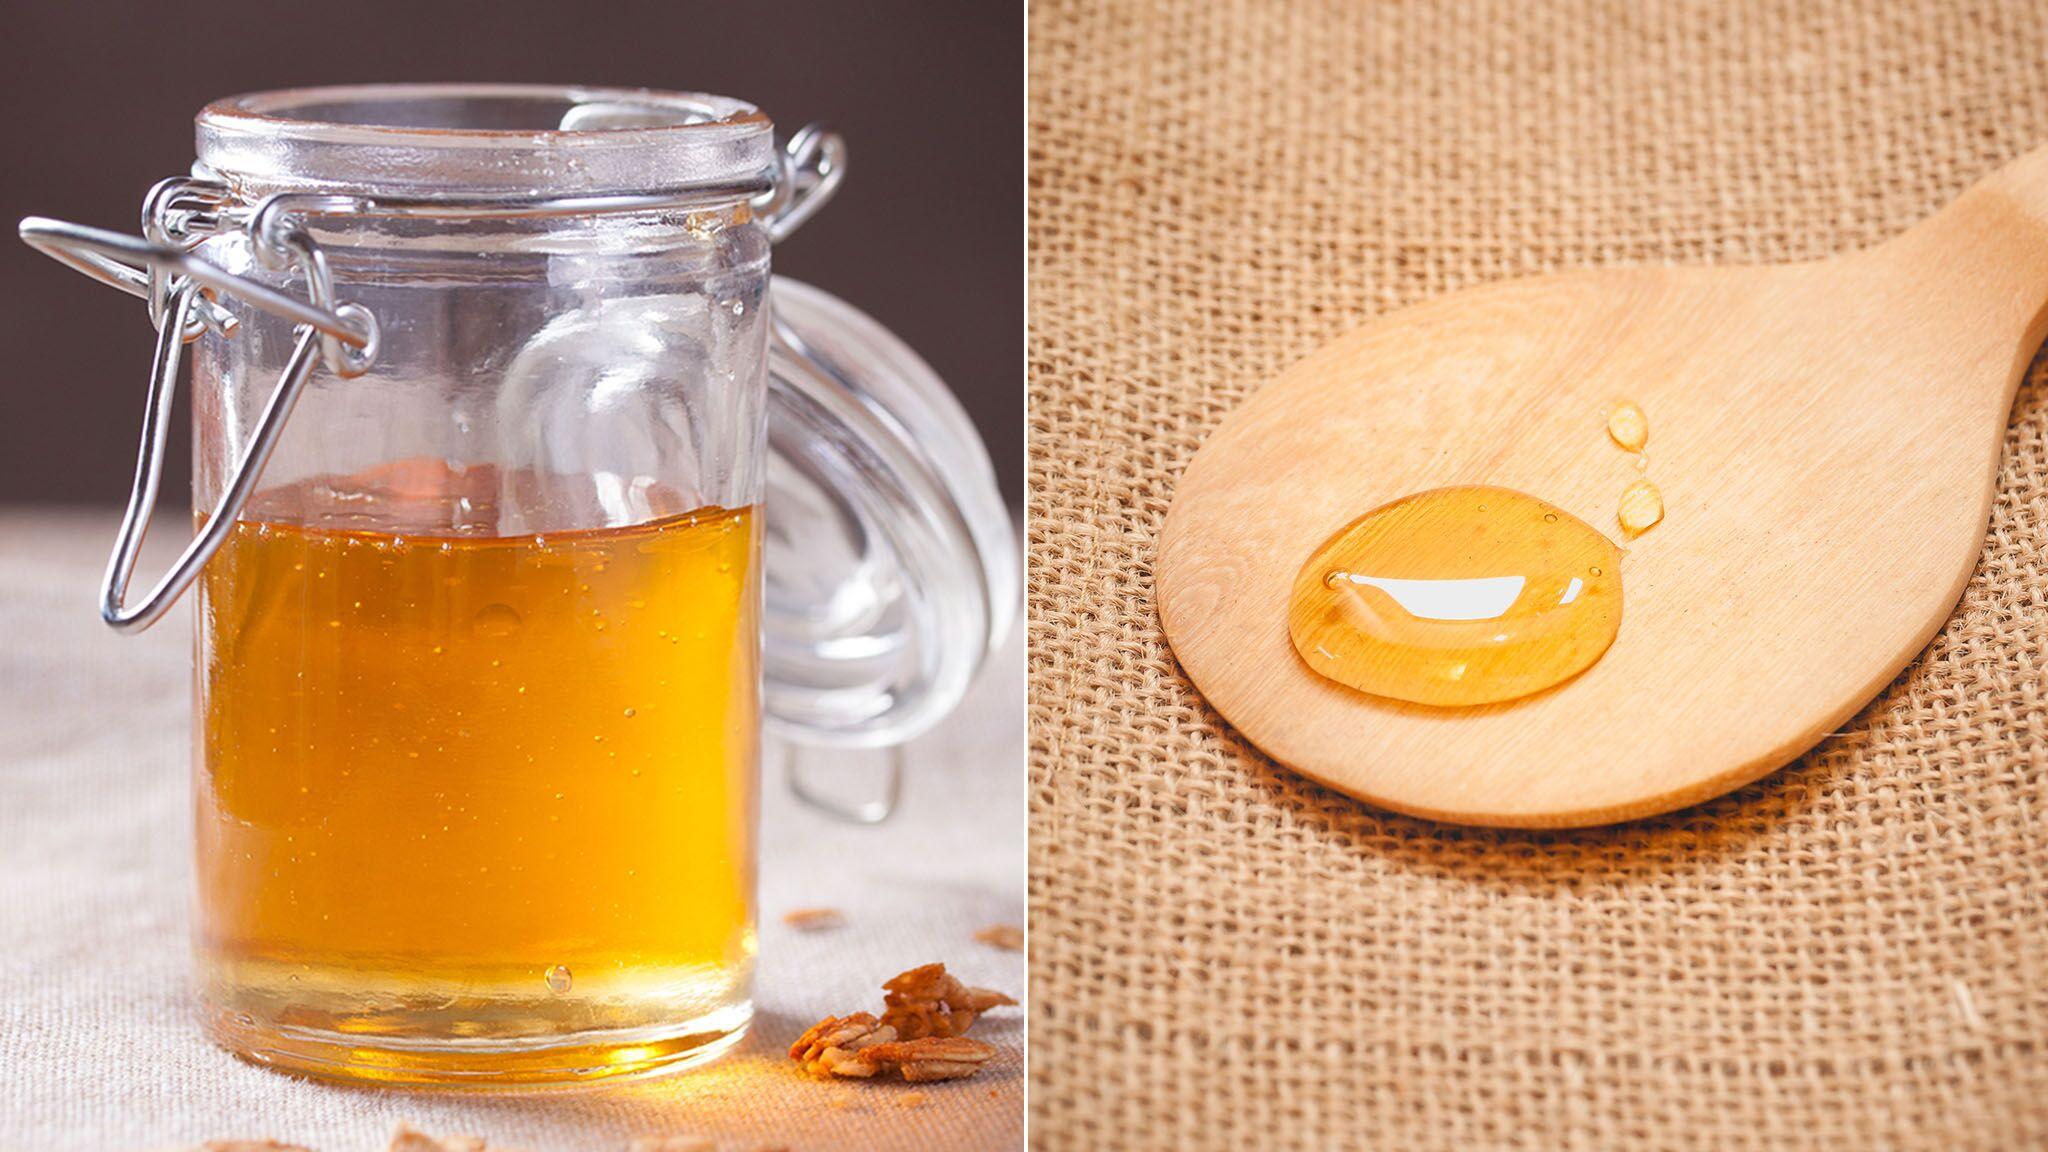 bienfait du miel pour les cheveux